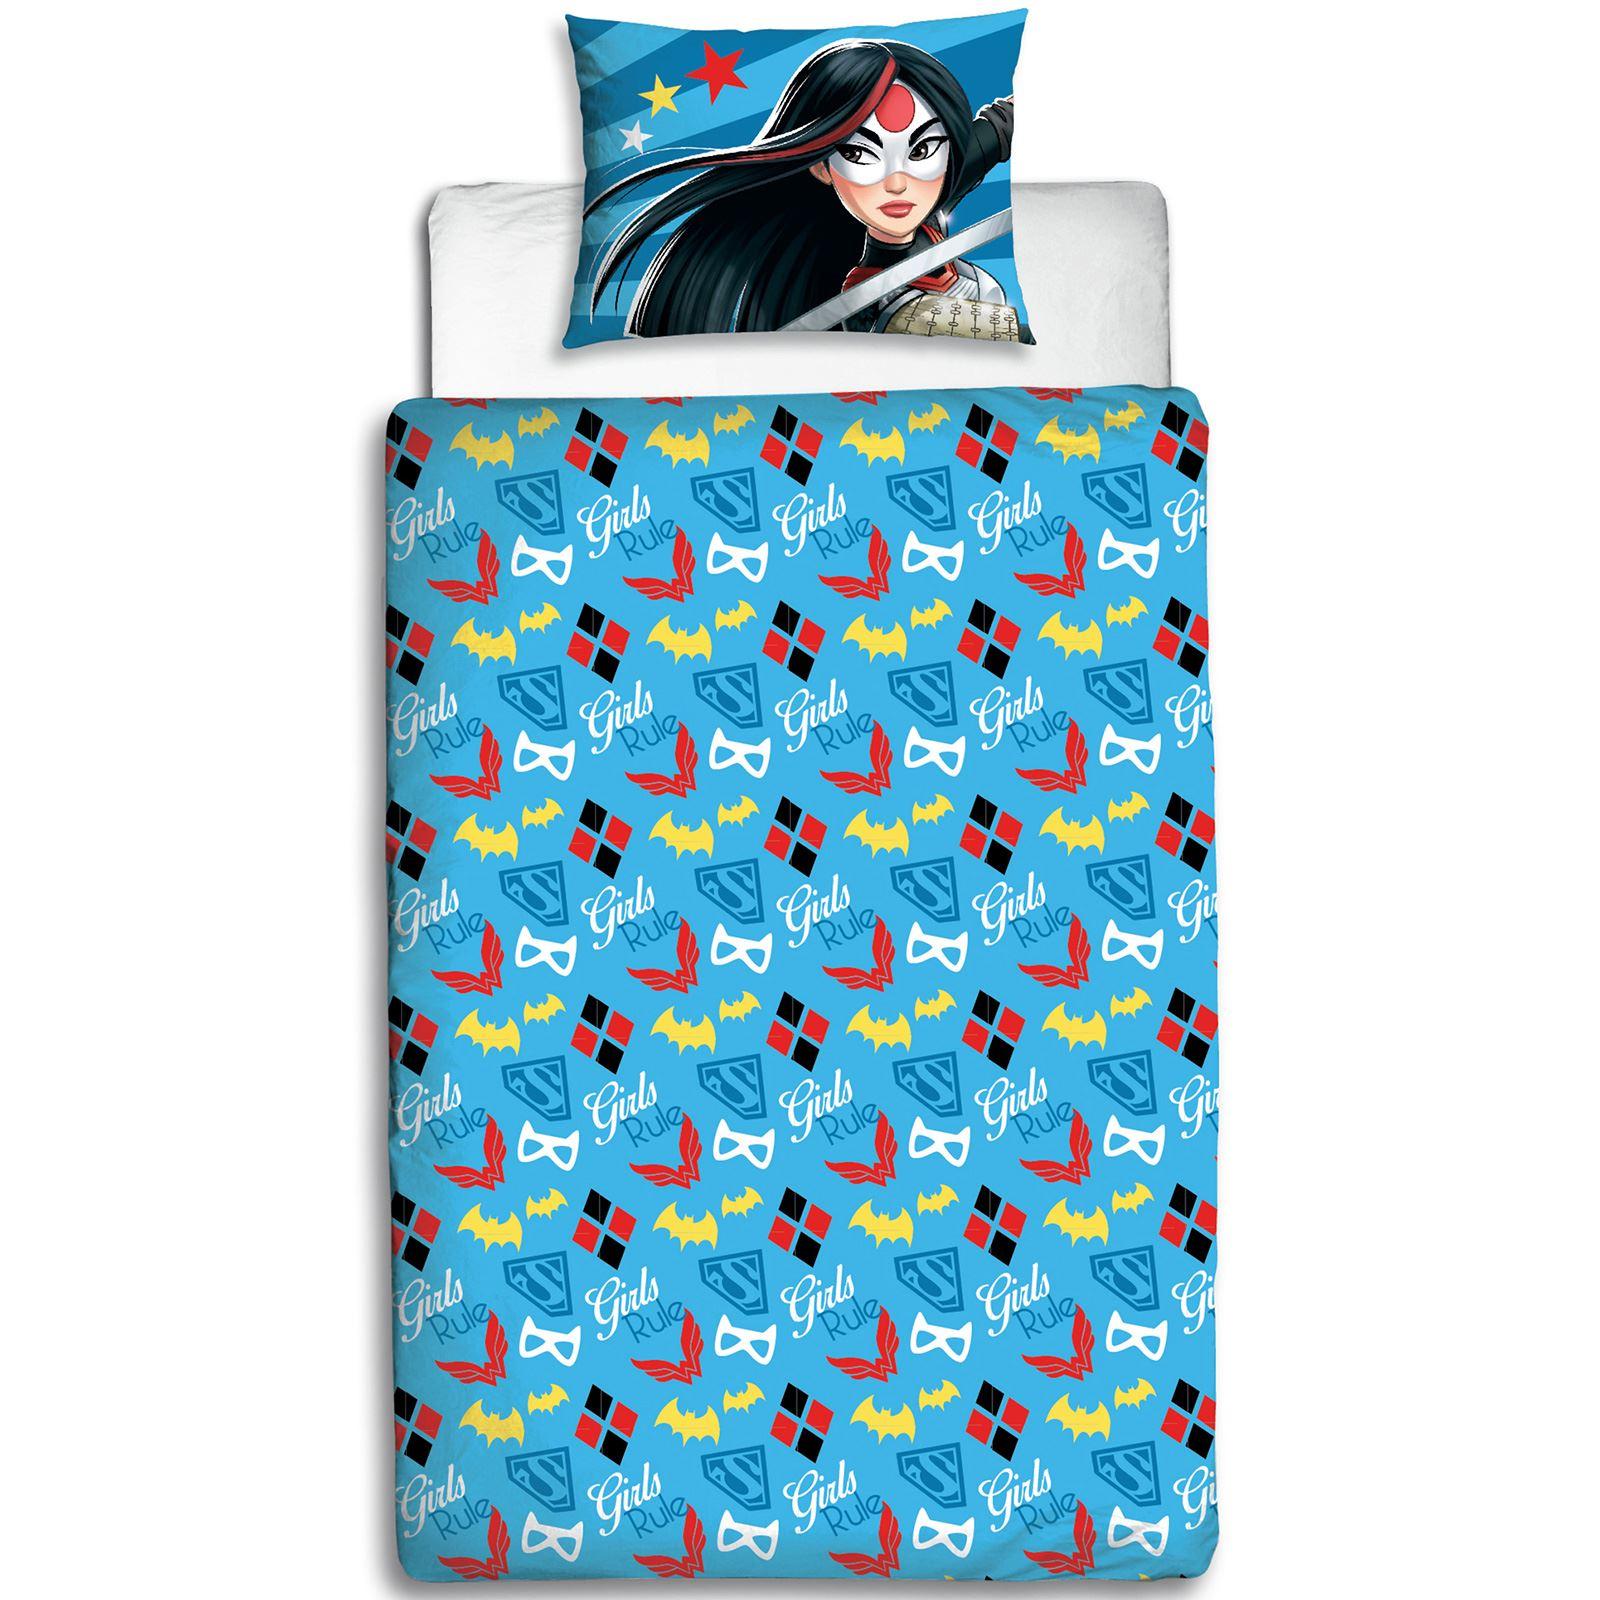 Dc Superhero Girls Bedroom Wallpaper Dc Super Hero Girls Single Duvet Cover Set Childrens